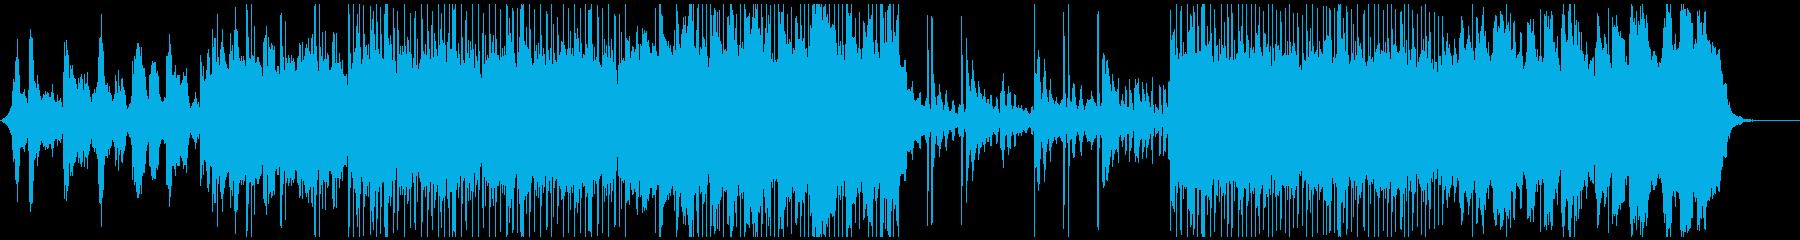 穏やかな森-ギターエレクトロの再生済みの波形